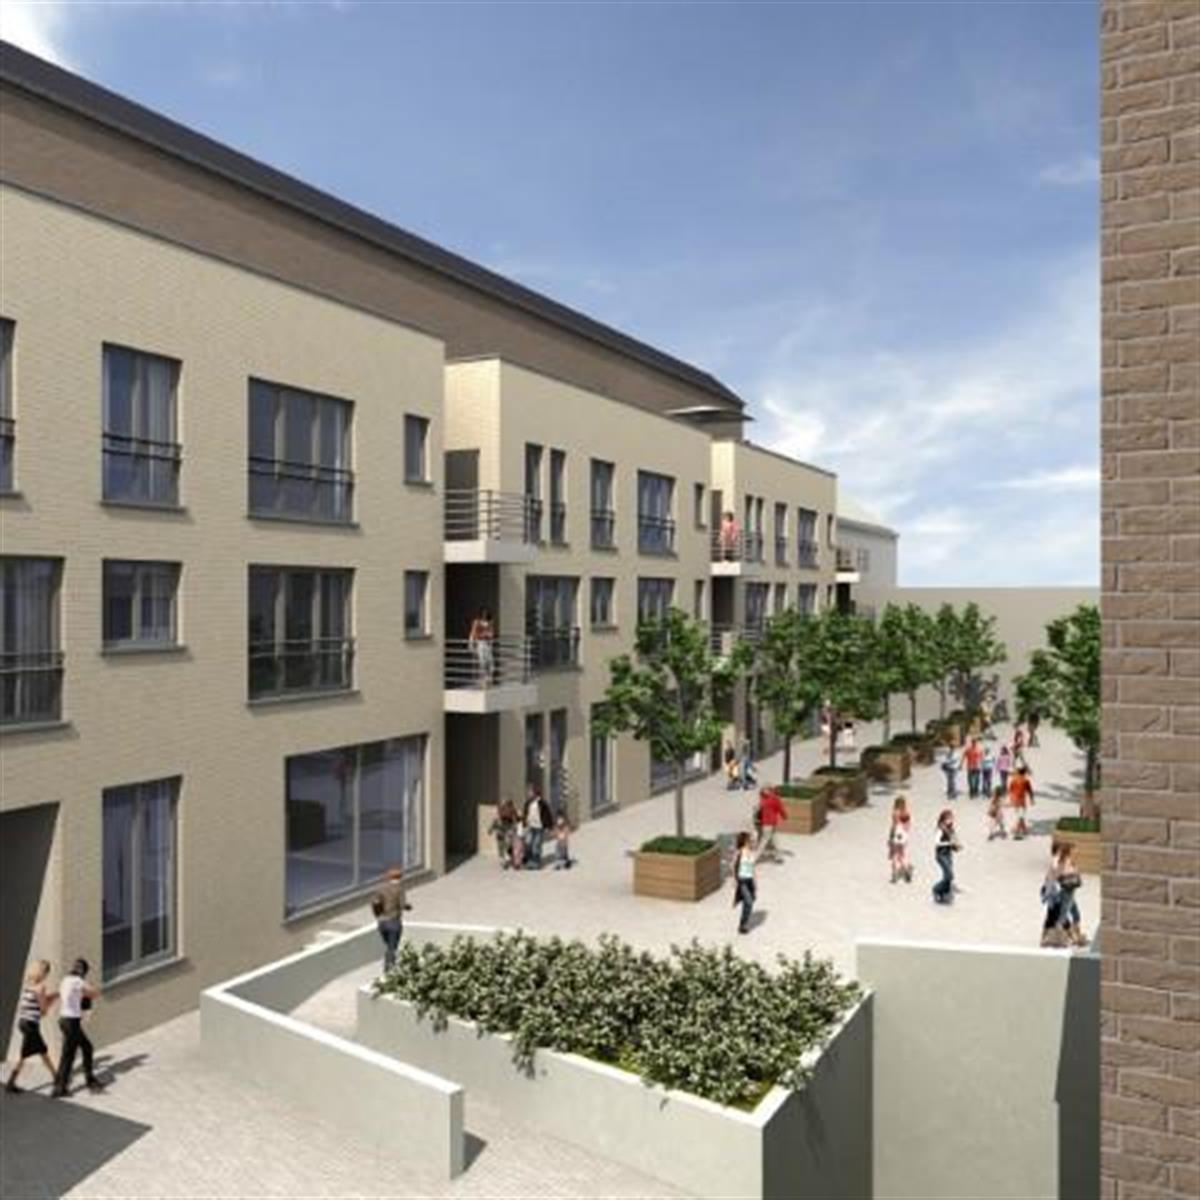 Immeuble à usage multiple - Bruxelles - #3999578-2